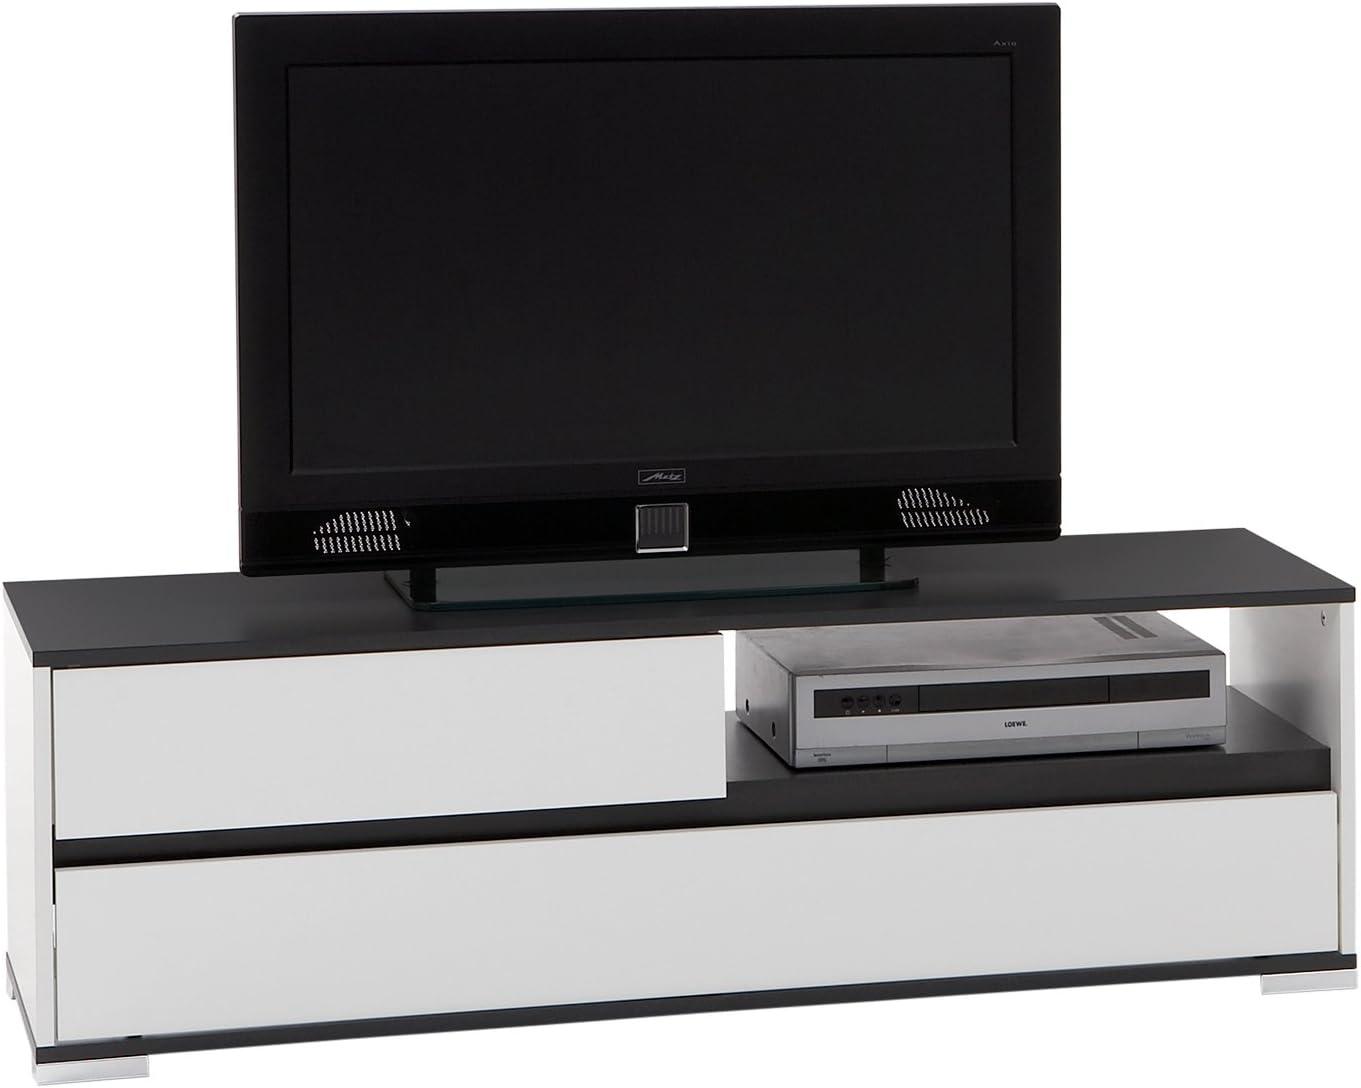 FMD 253-001 Smart - Mueble para televisor o Sistema de Audio y vídeo (125 x 40,5 x 39 cm), Color Blanco y Gris: Amazon.es: Hogar